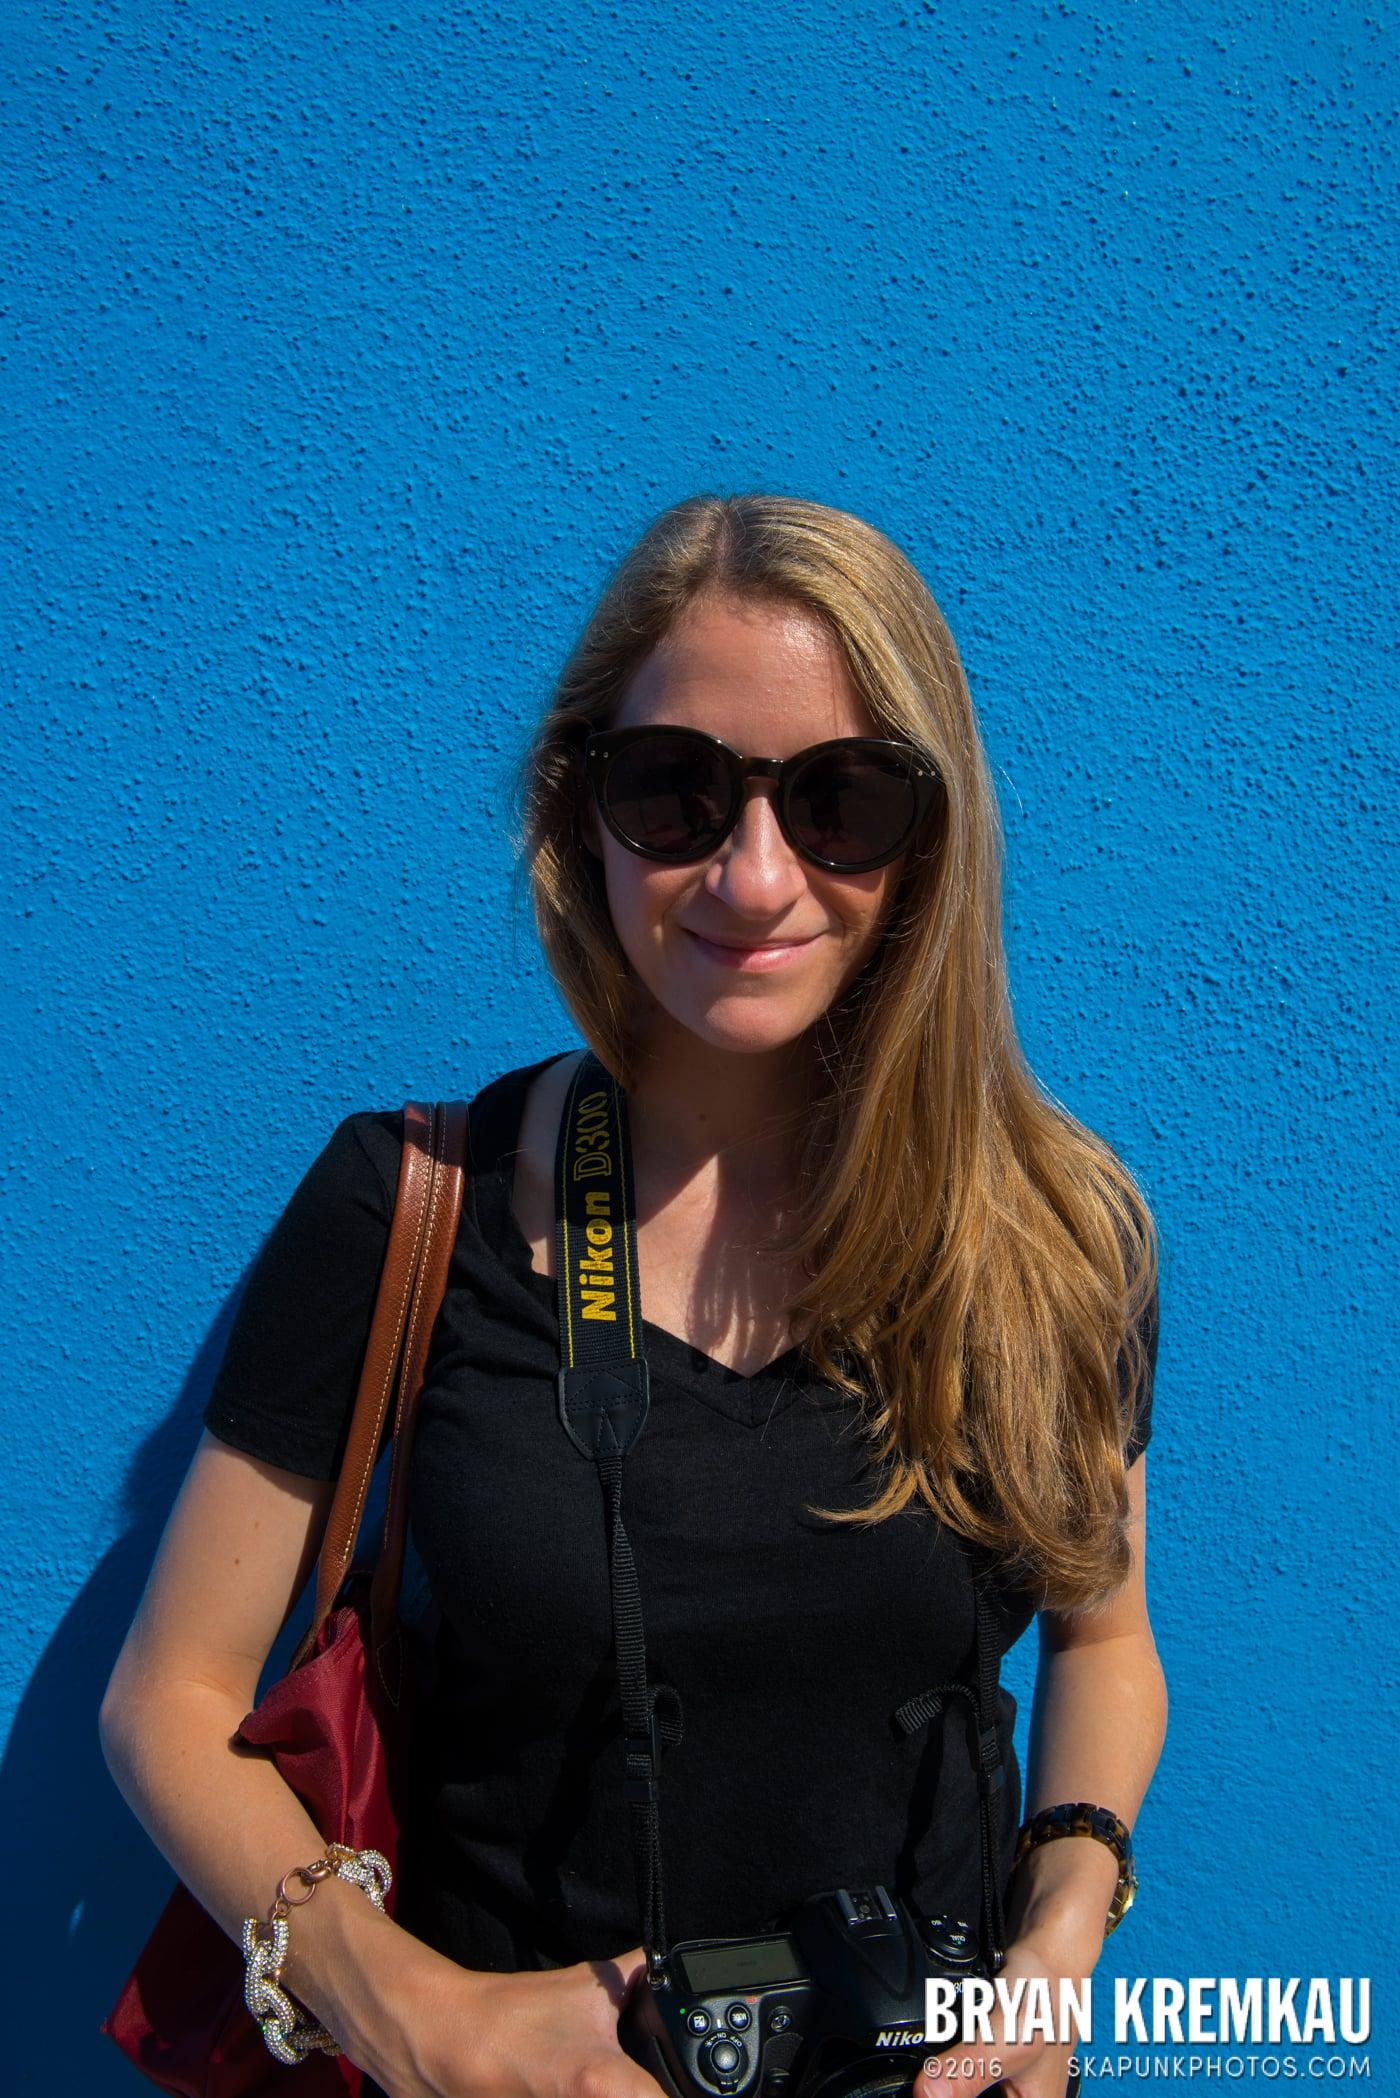 Italy Vacation - Day 6: Murano, Burano, Venice - 9.14.13 (56)